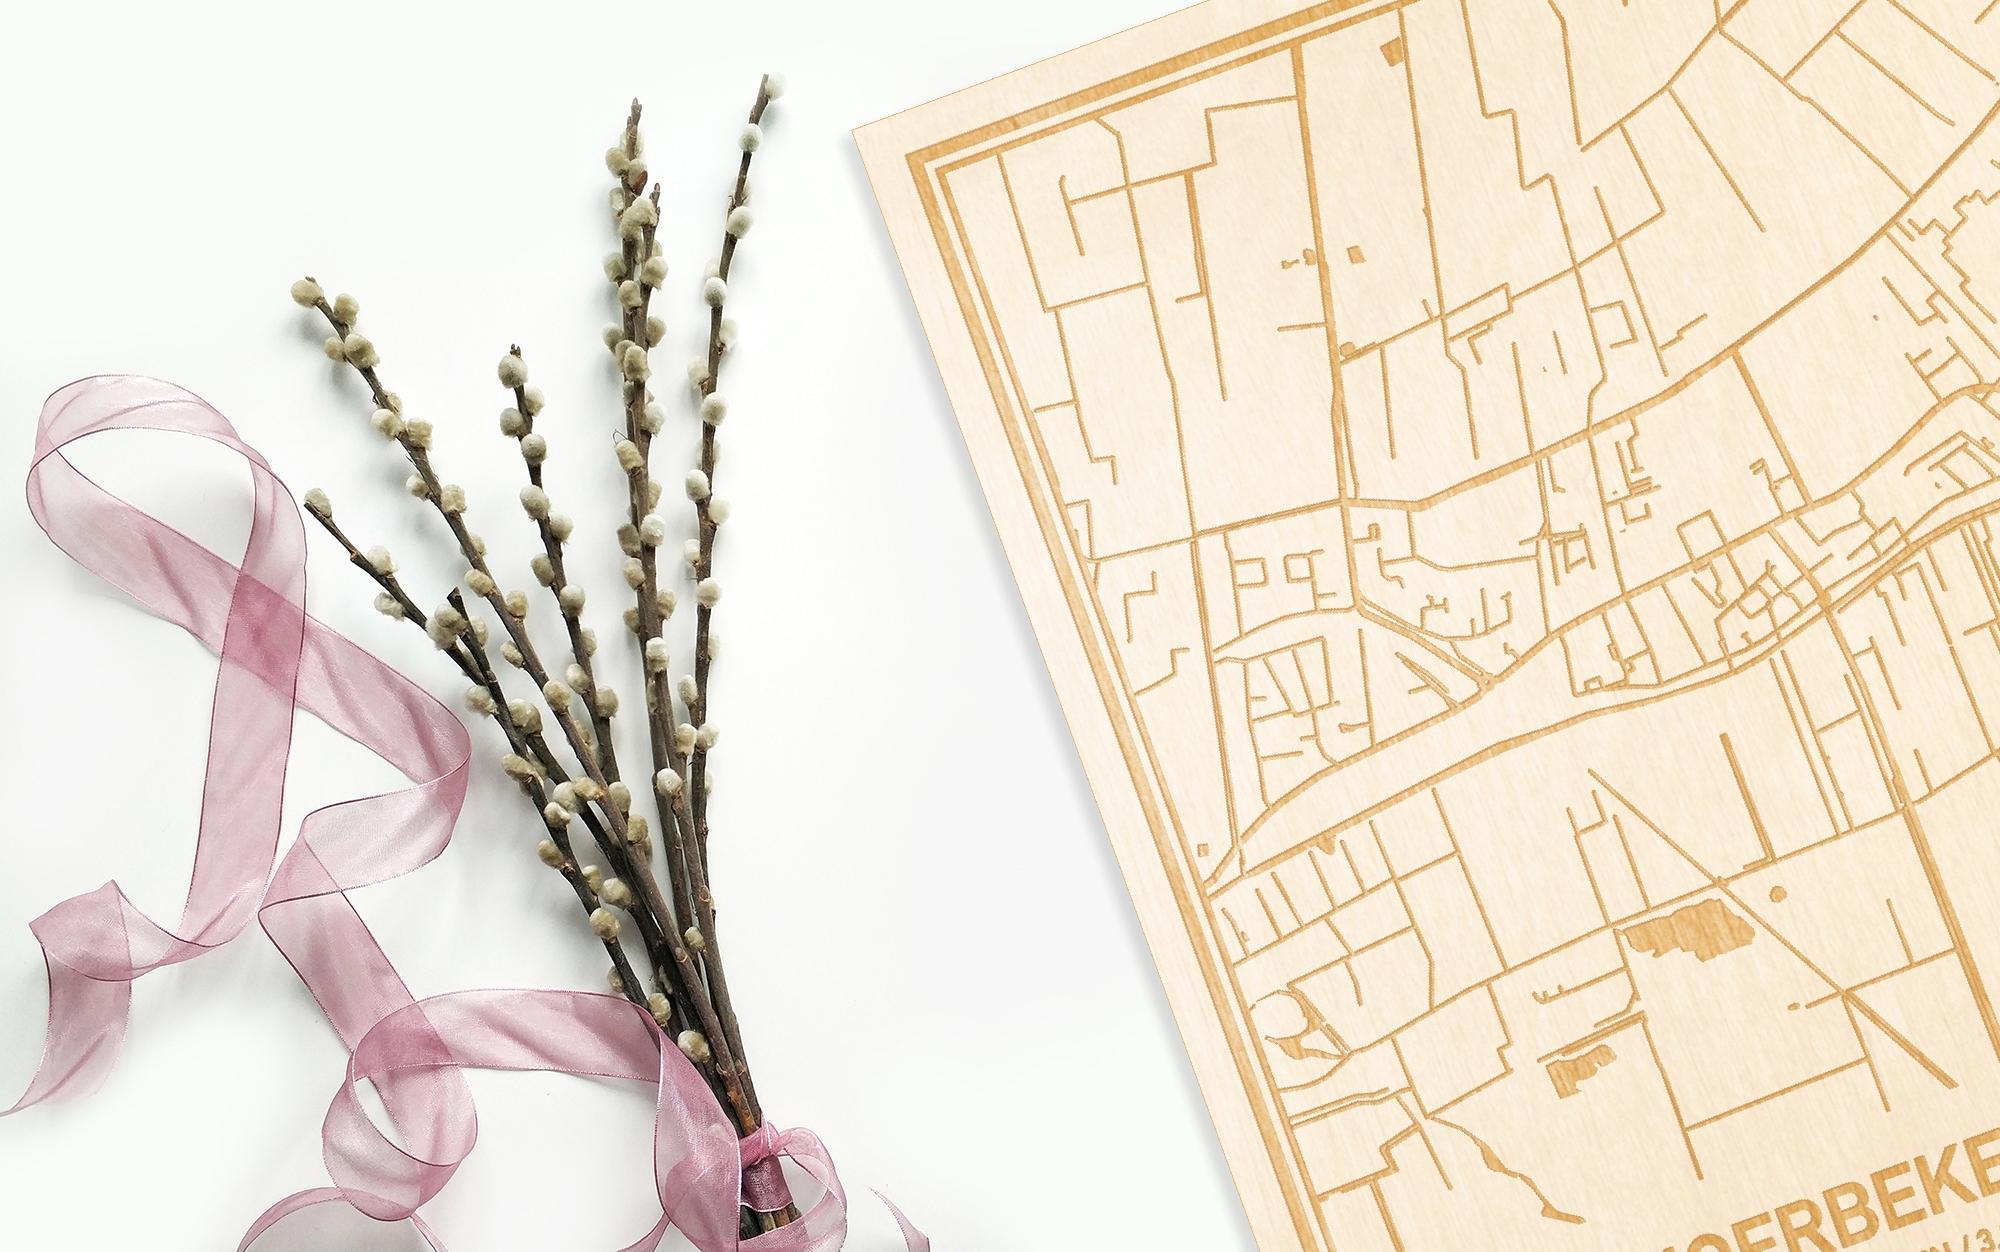 Hier ligt de houten plattegrond Moerbeke-Waas naast een bloemetje als gepersonaliseerd cadeau voor haar.